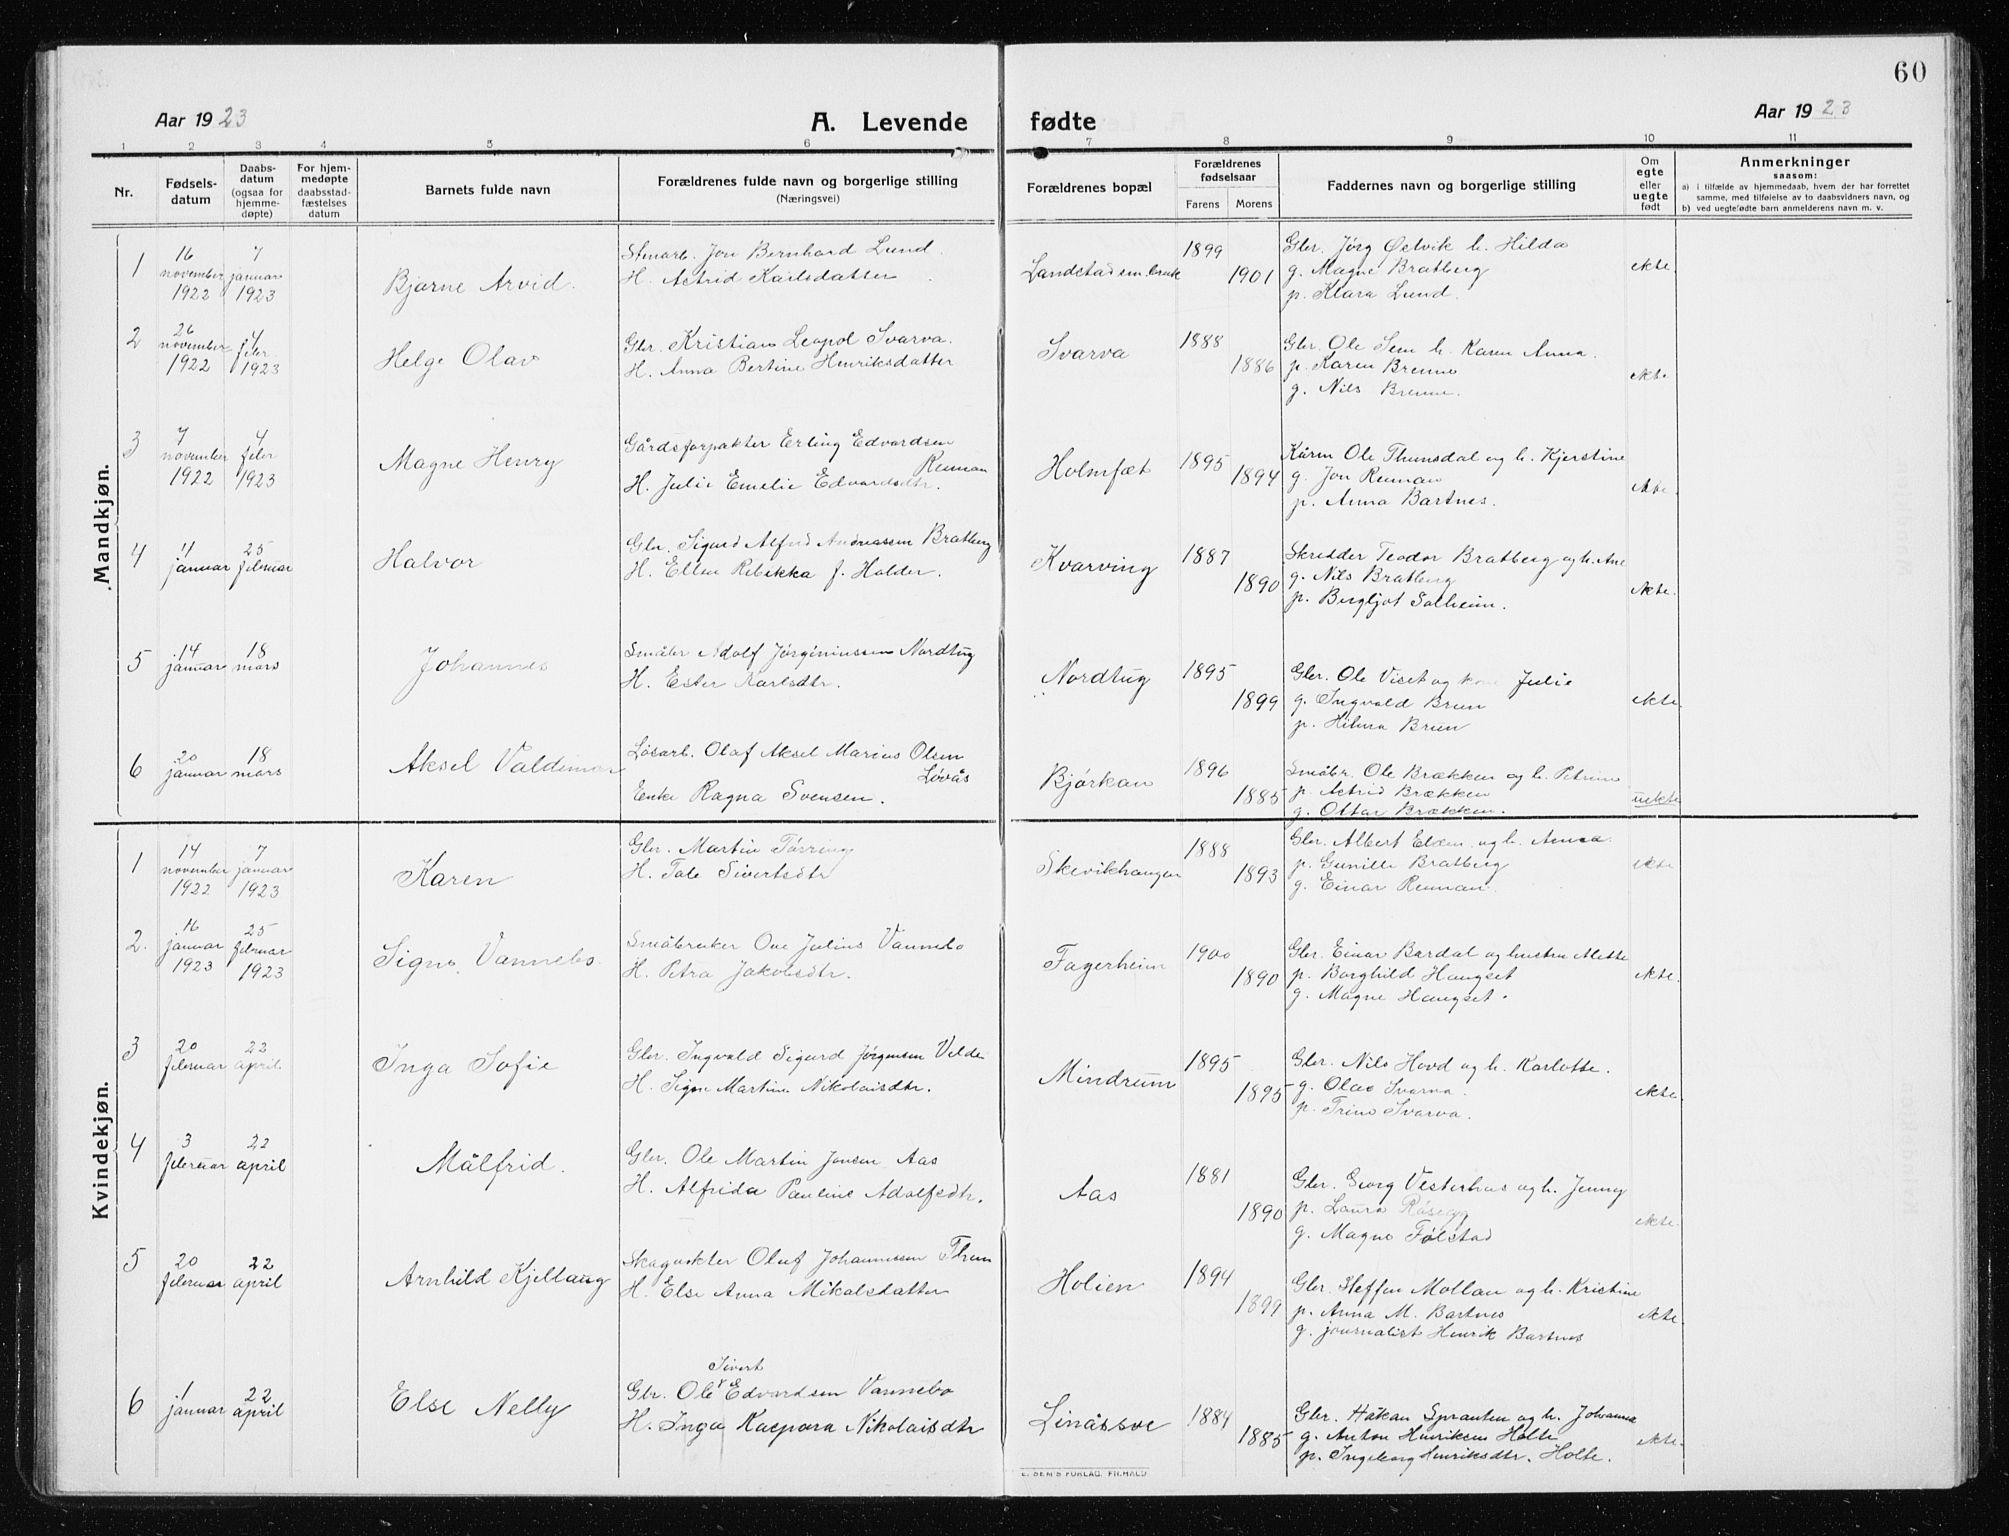 SAT, Ministerialprotokoller, klokkerbøker og fødselsregistre - Nord-Trøndelag, 741/L0402: Klokkerbok nr. 741C03, 1911-1926, s. 60